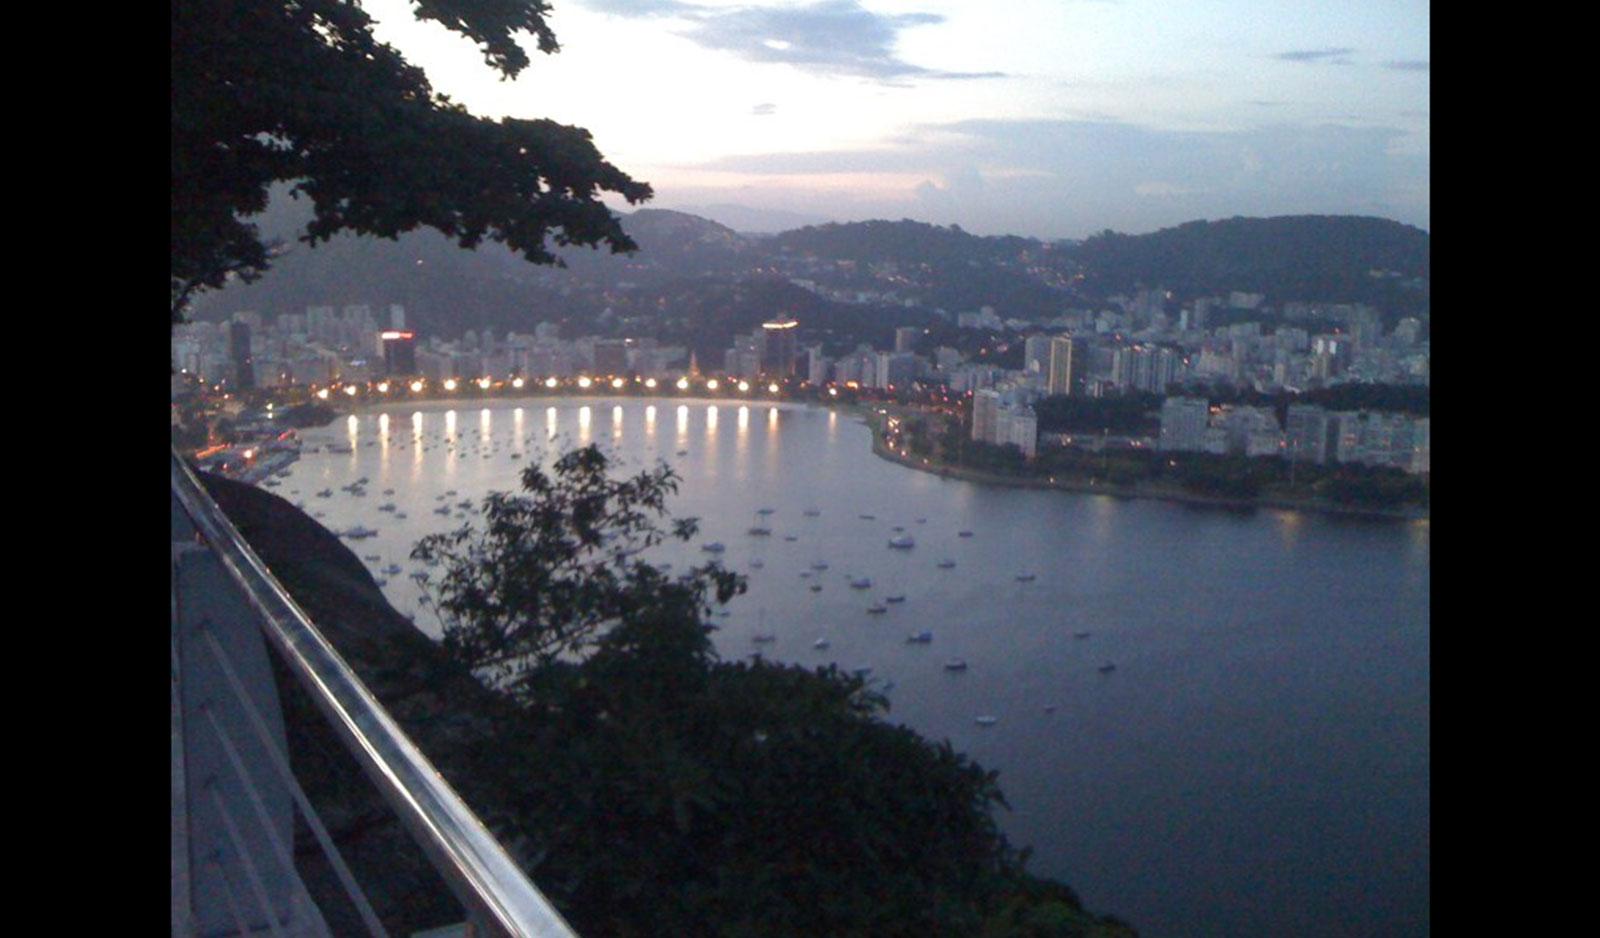 IMG_0459galerie_brazilia_tableta